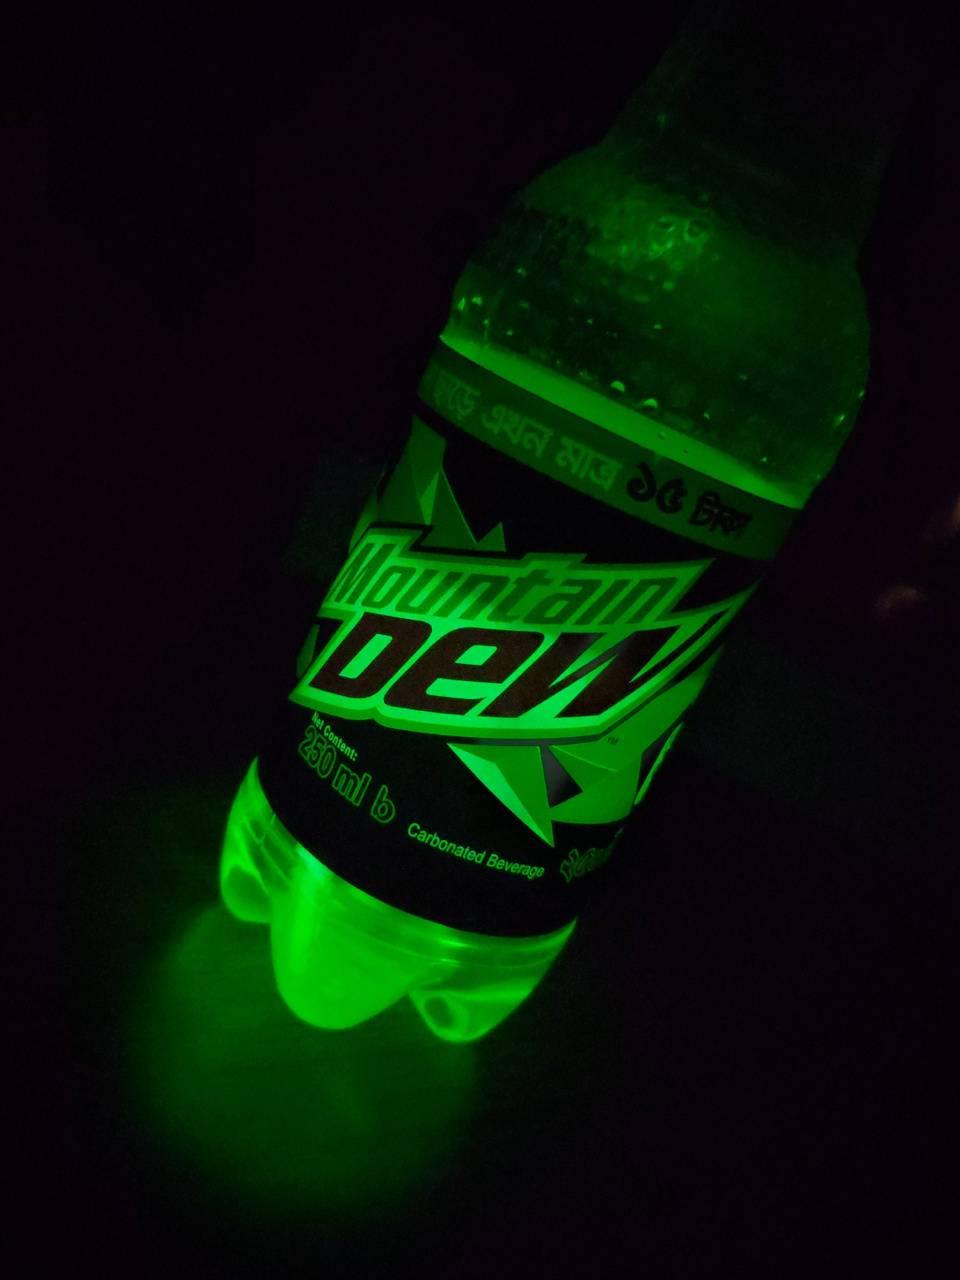 DEW bottle